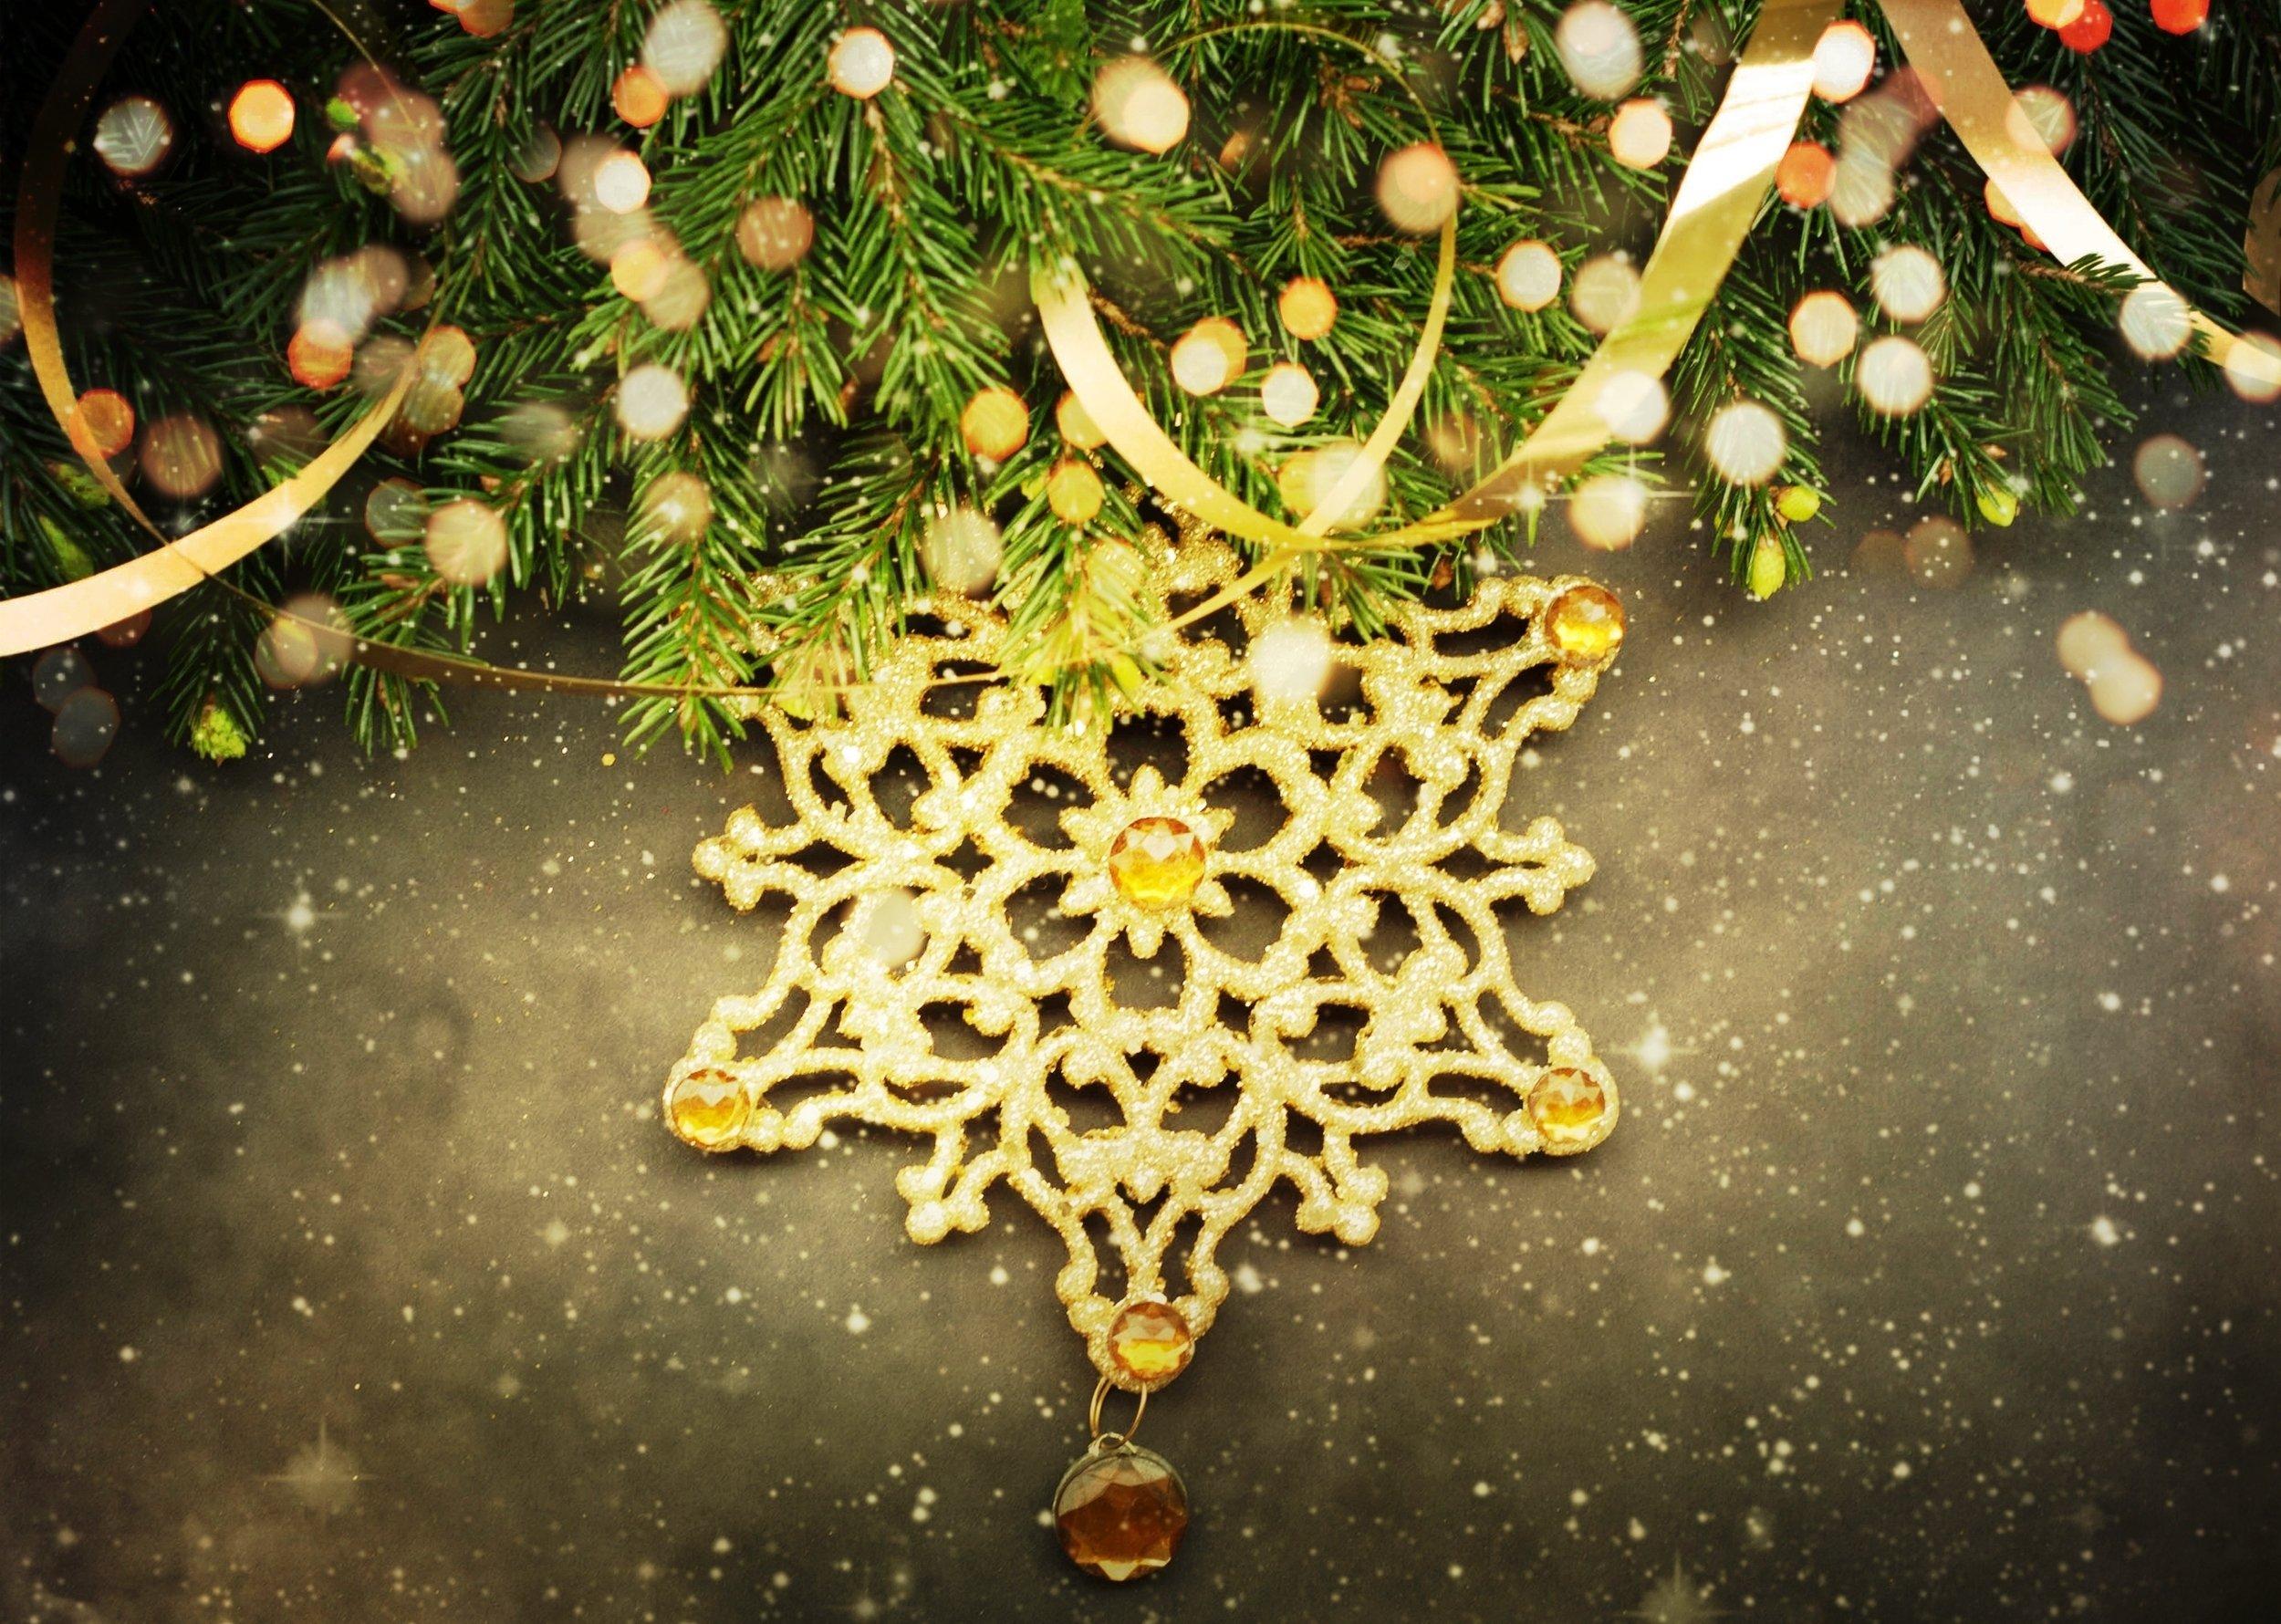 красивые картинки снежинок к новому году эти